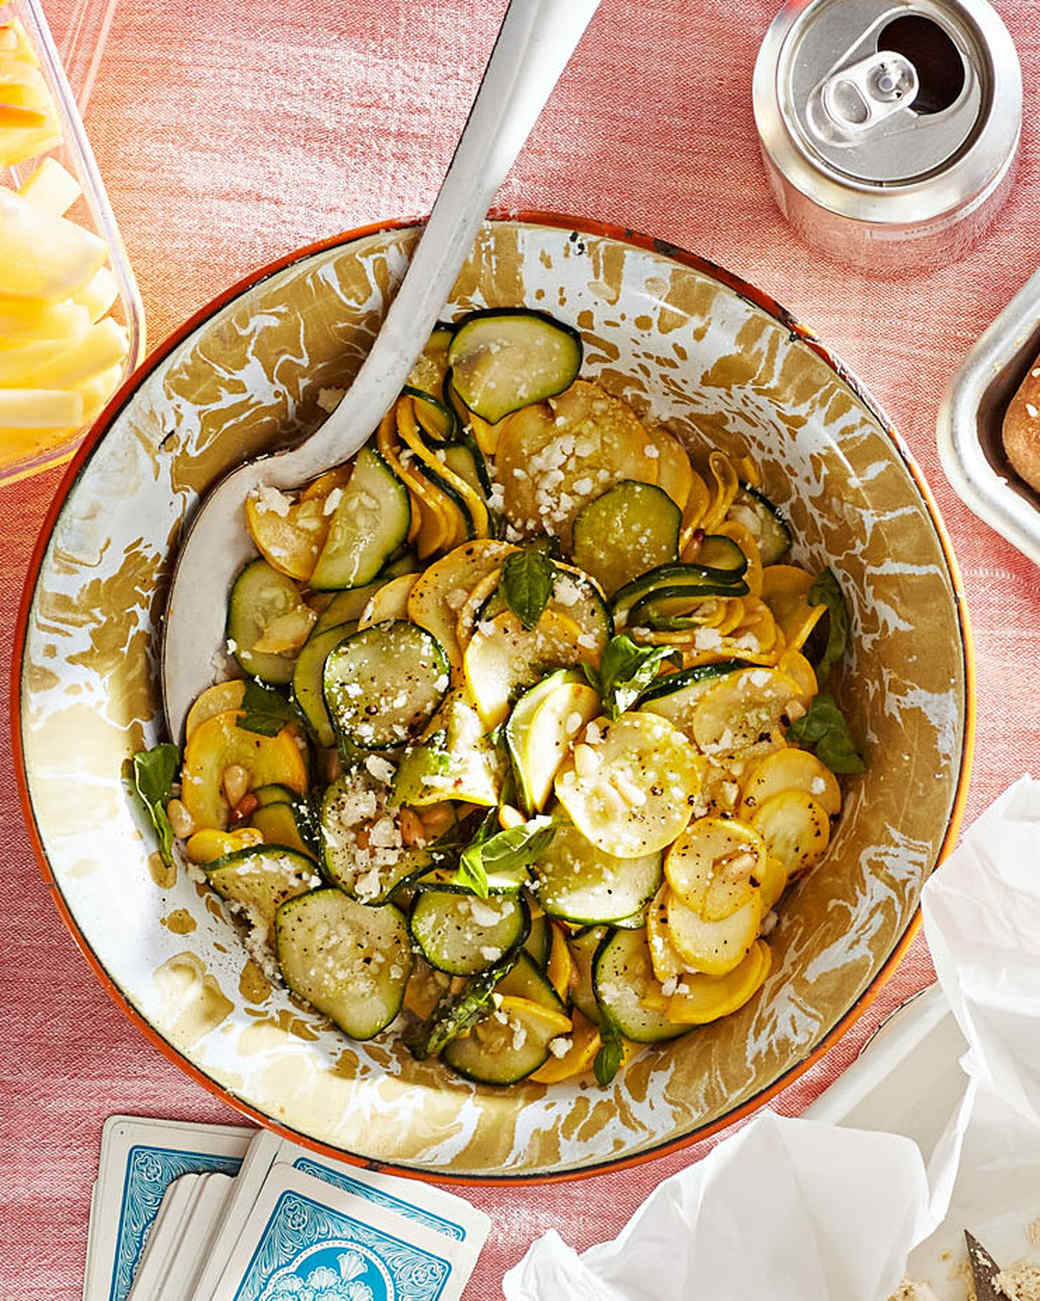 zucchini-and-squash salad